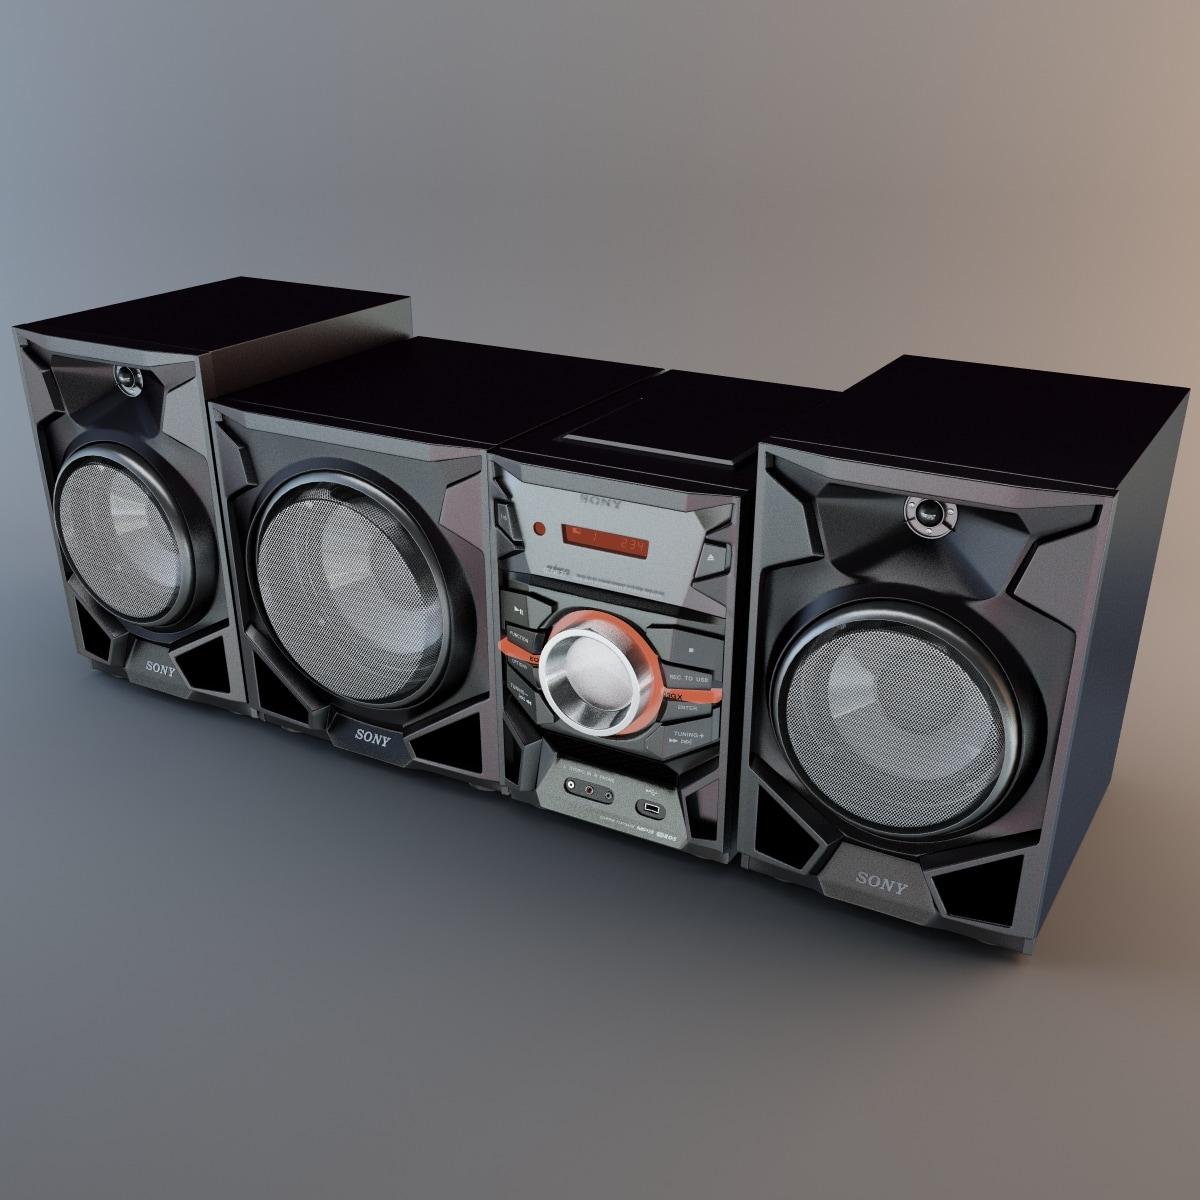 Stereo_Double_Cassette_Tape_Sony_MHC_EX900_004.jpg